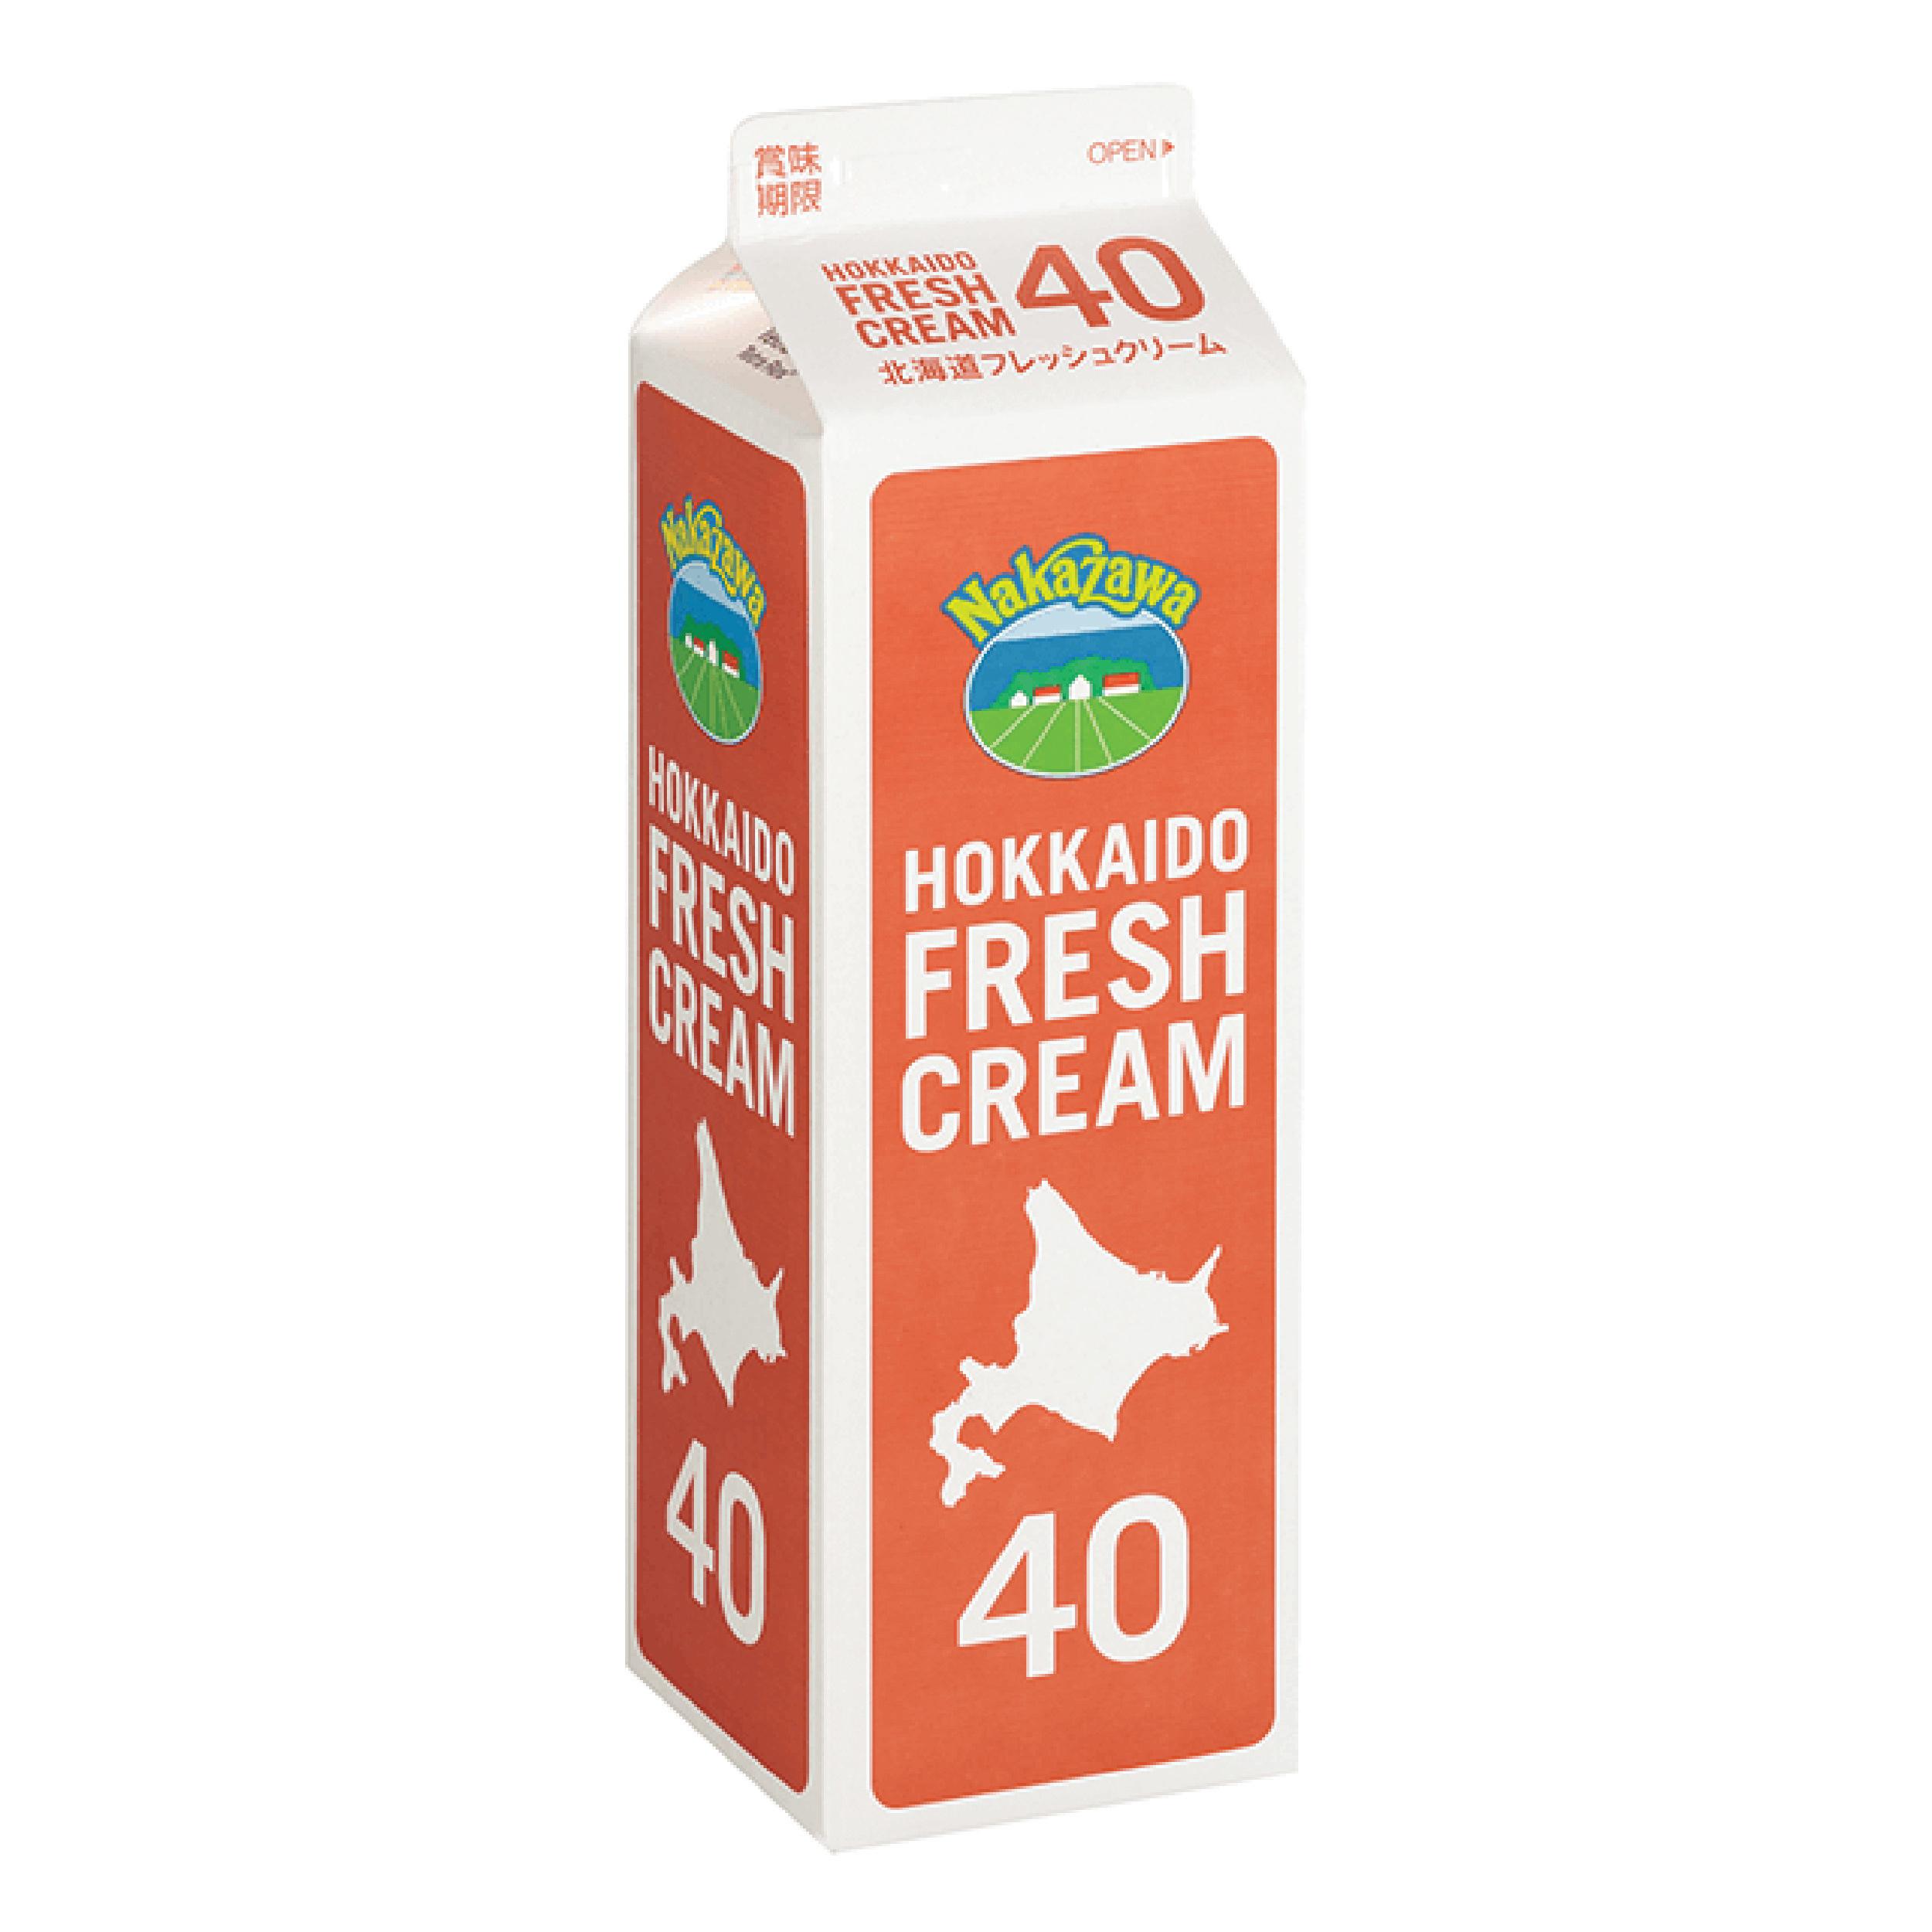 Hokkaido Fresh Cream 40%